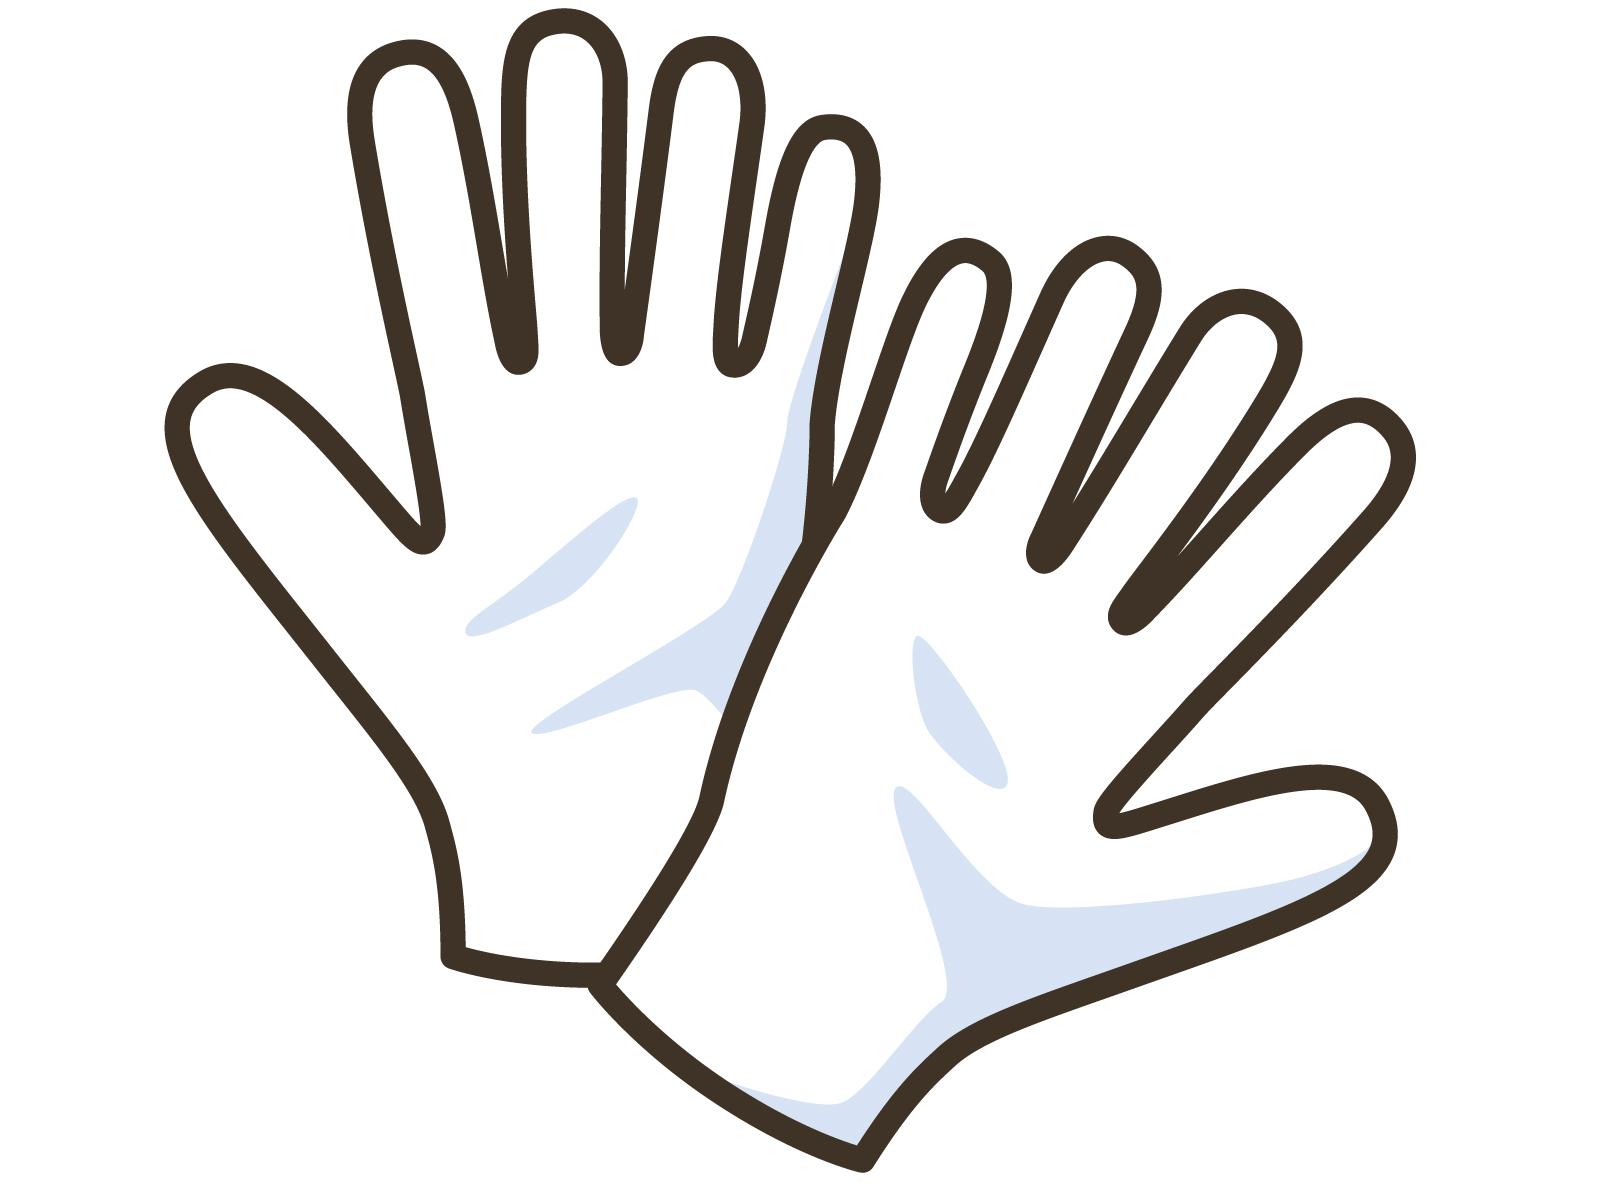 コロナウイルス対策で別の効果が現れる?使い捨て手袋の着用